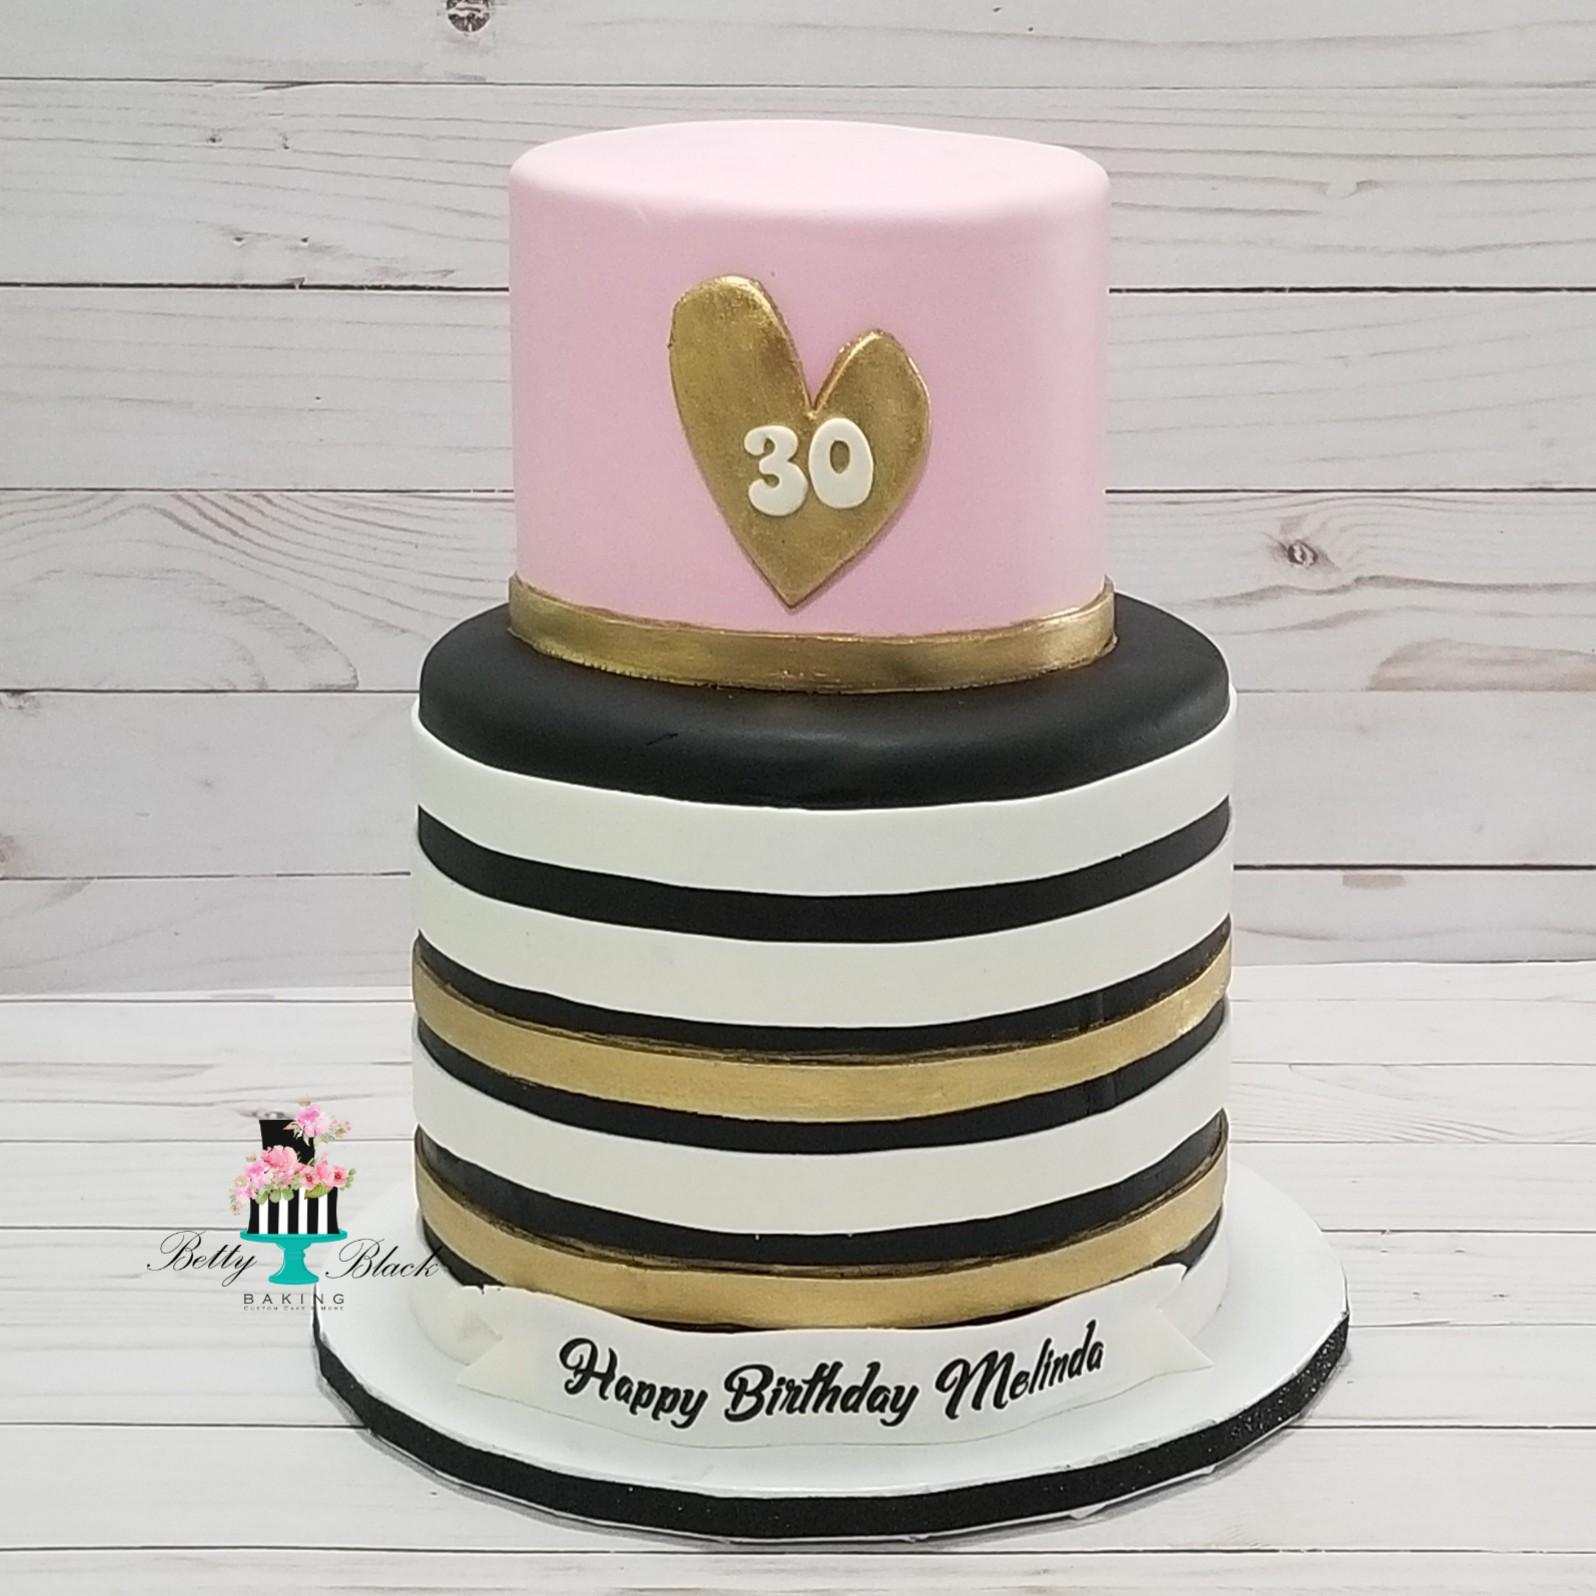 Chic 30th birthday Cake